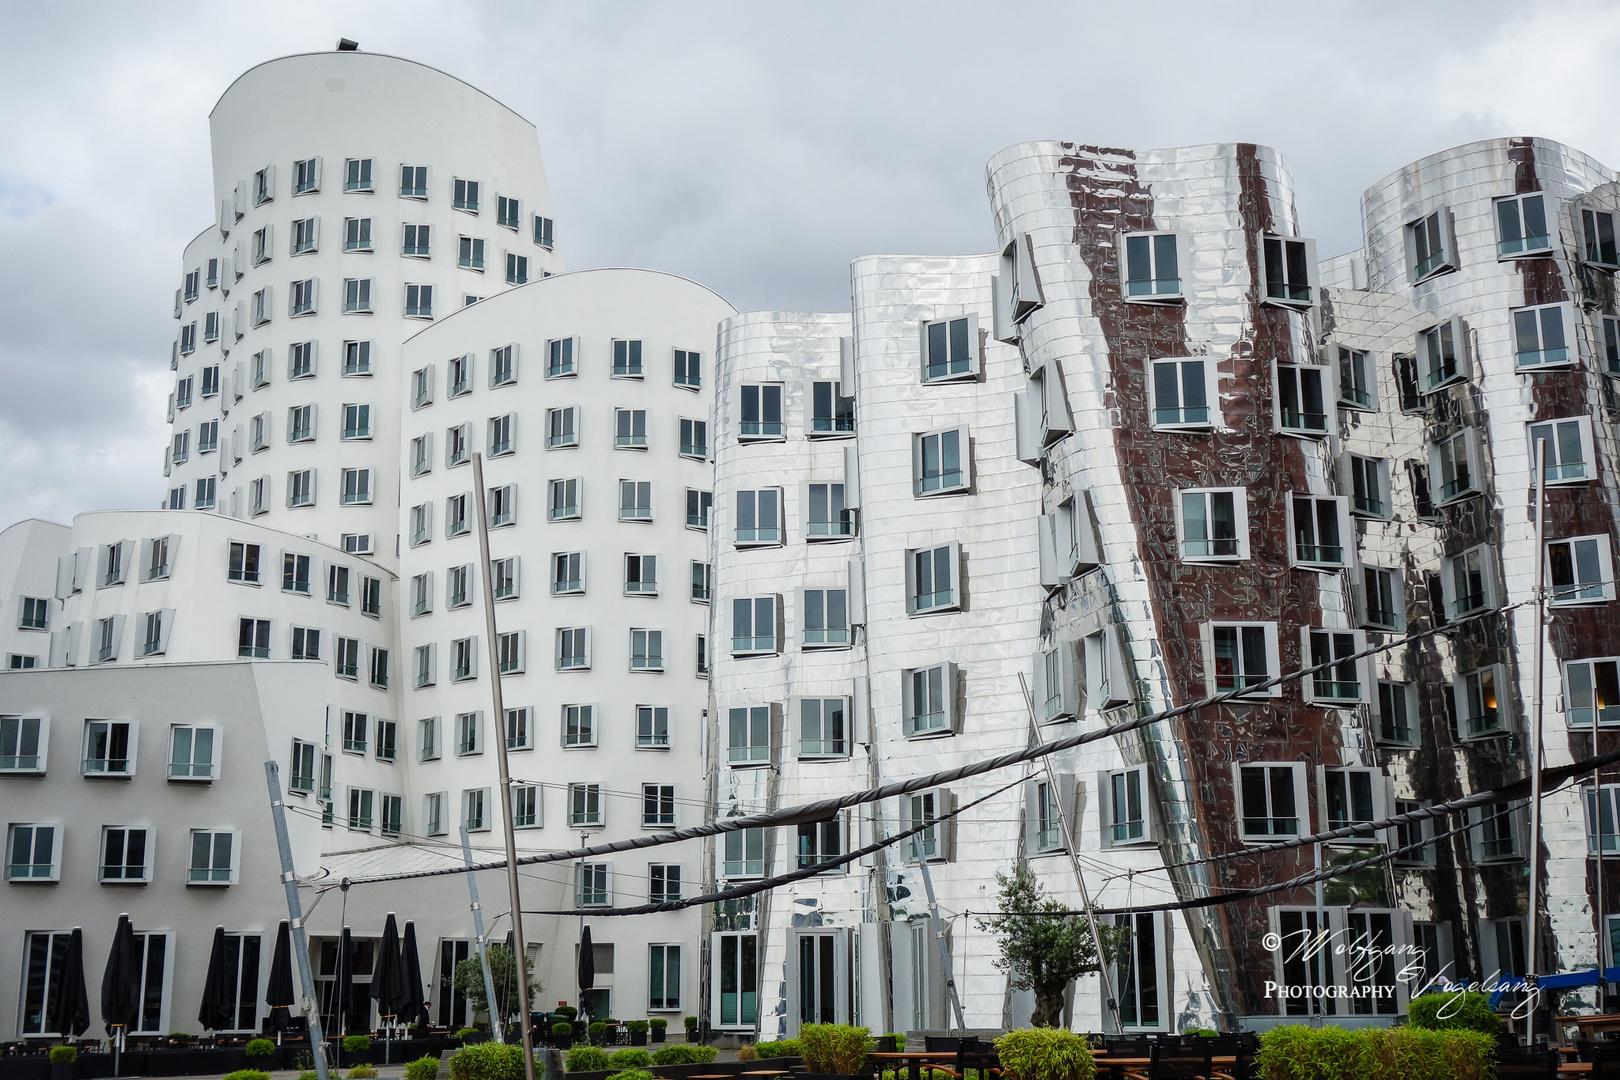 Architekten In Düsseldorf moderne architektur im medienhafen düsseldorf foto bild